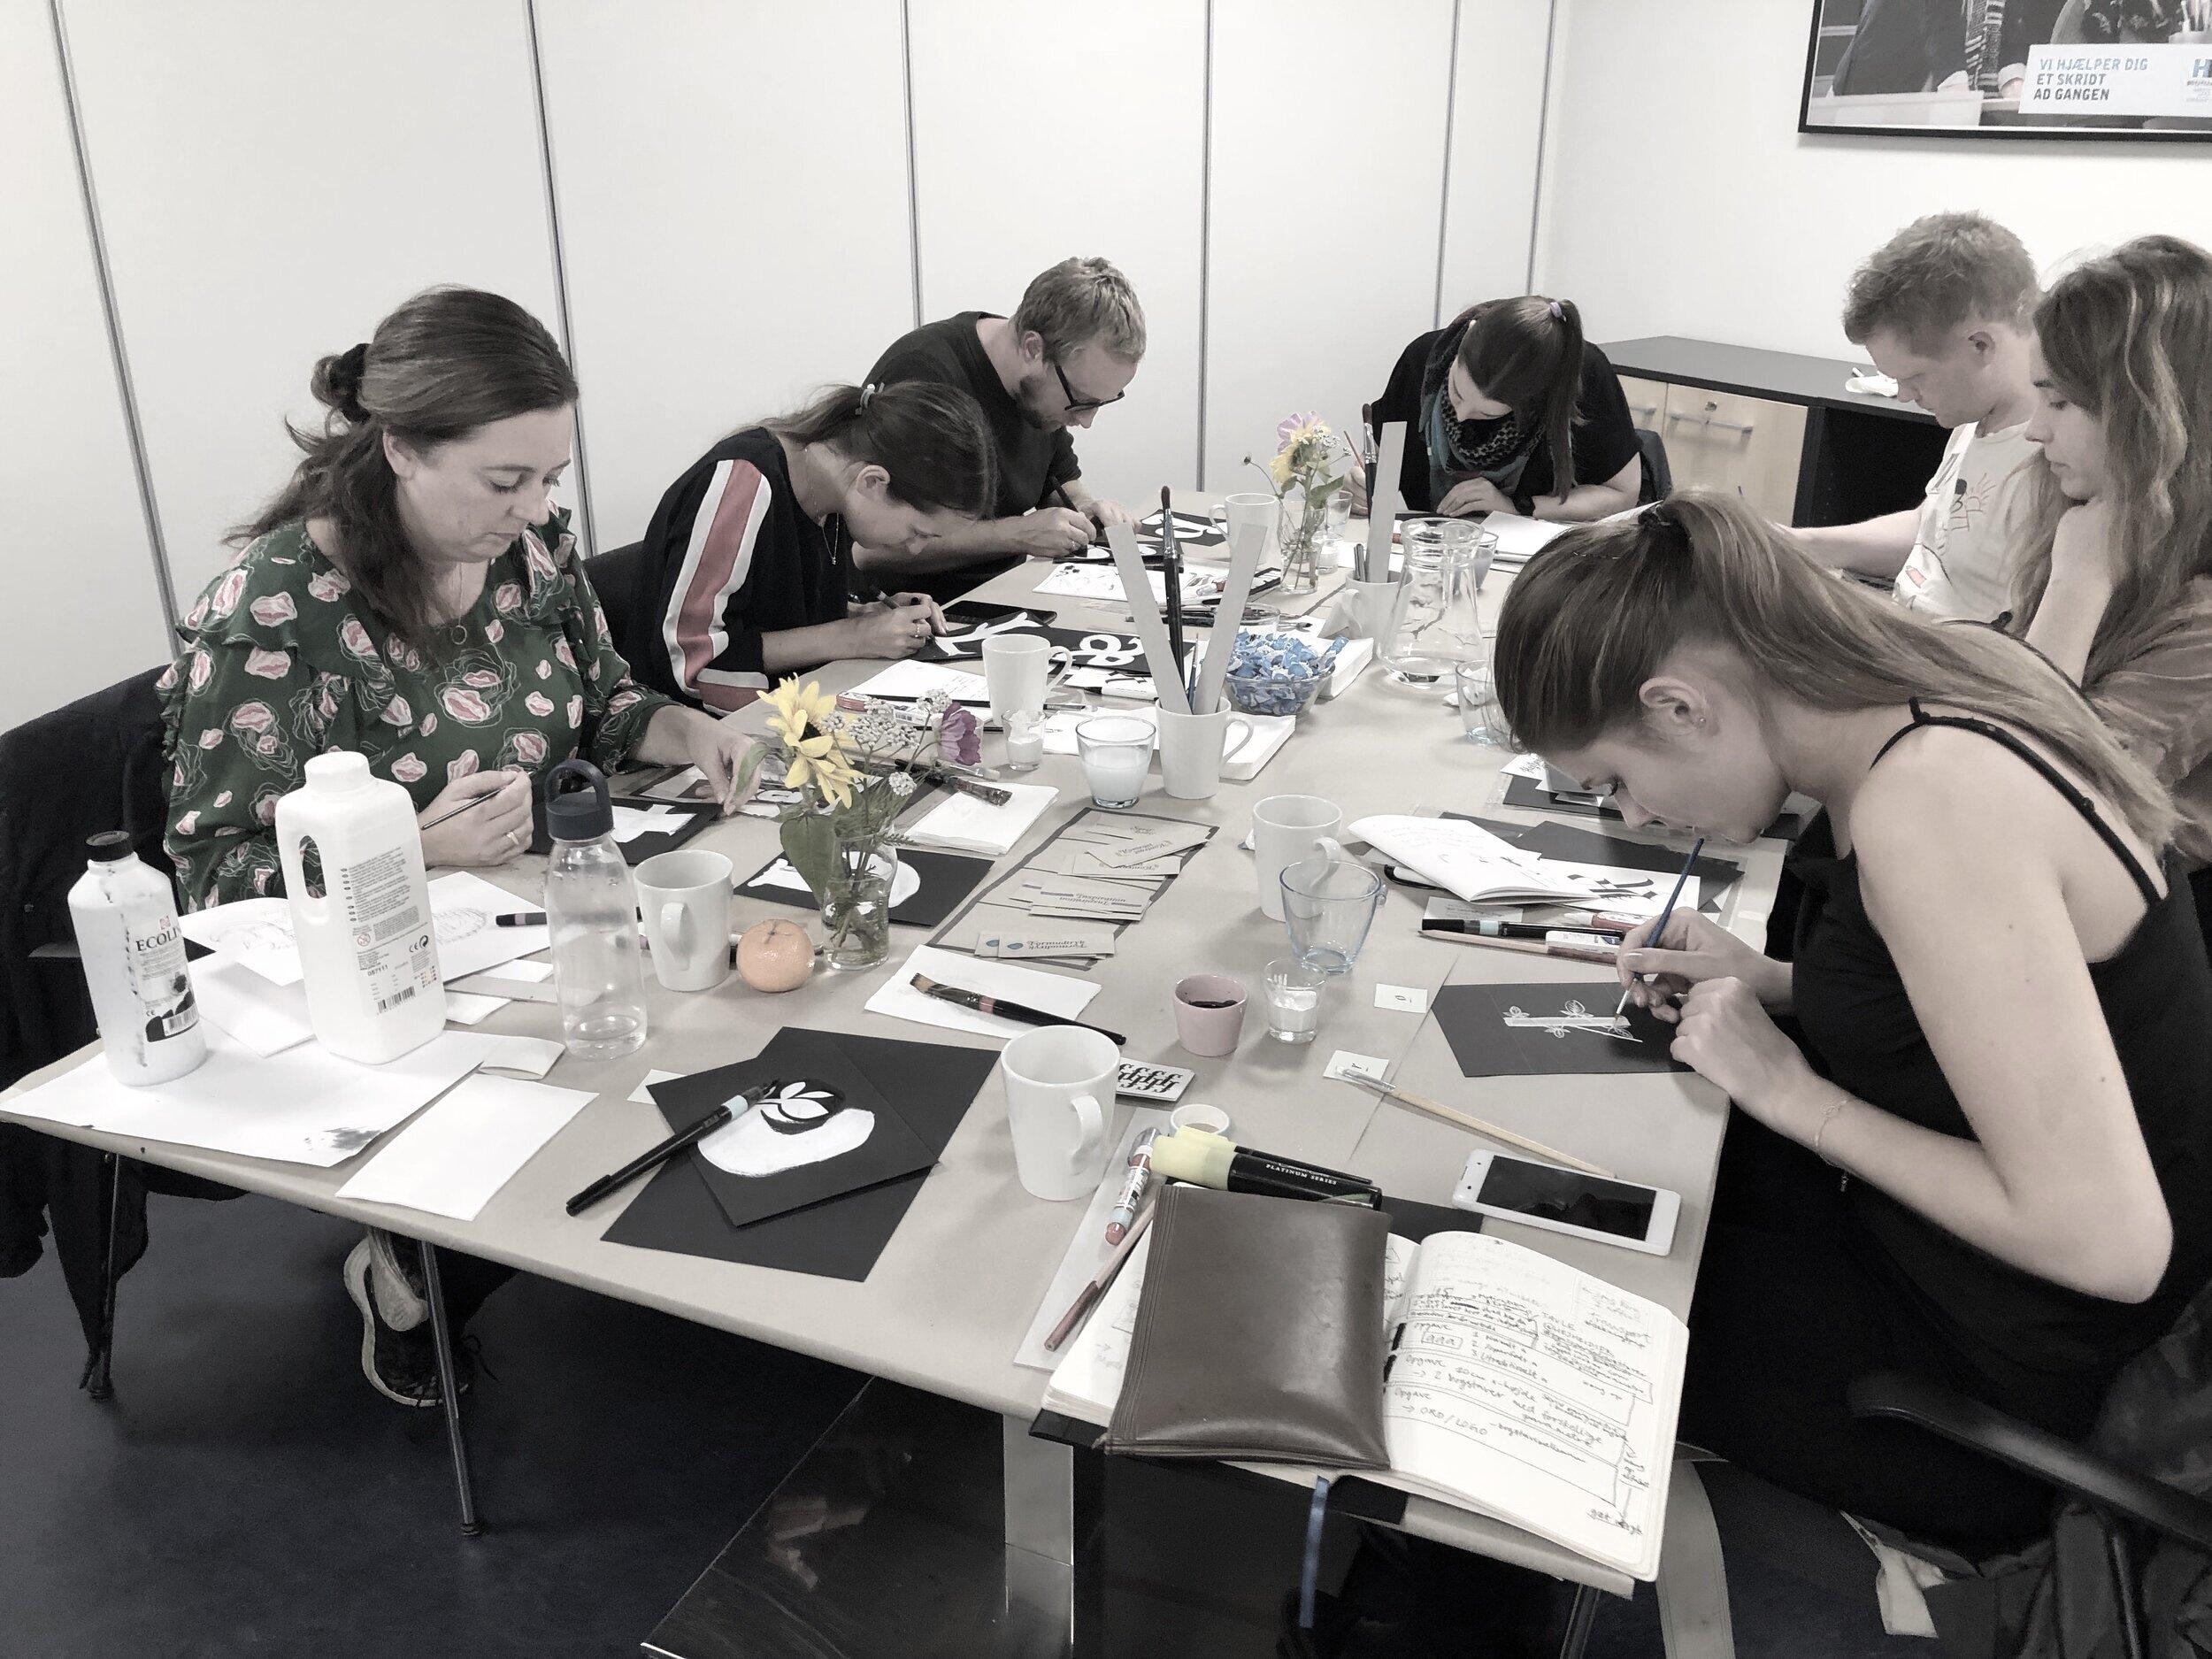 Deltagere i fuld gang med at udforske bogstavsformer